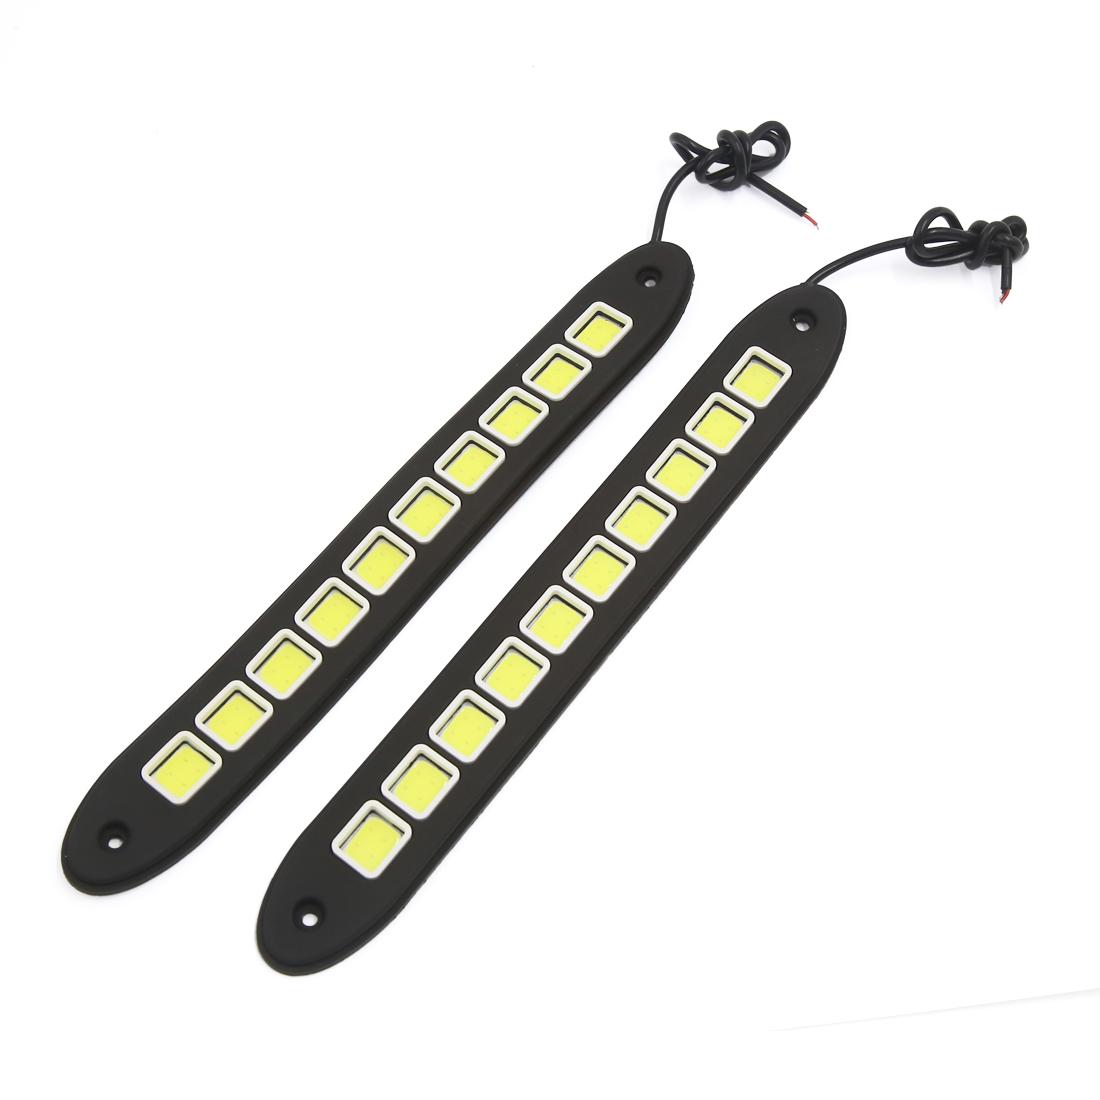 2 Pcs 10 LED Square Shaped COB Auto Car Daytime Running Light White DC 12V